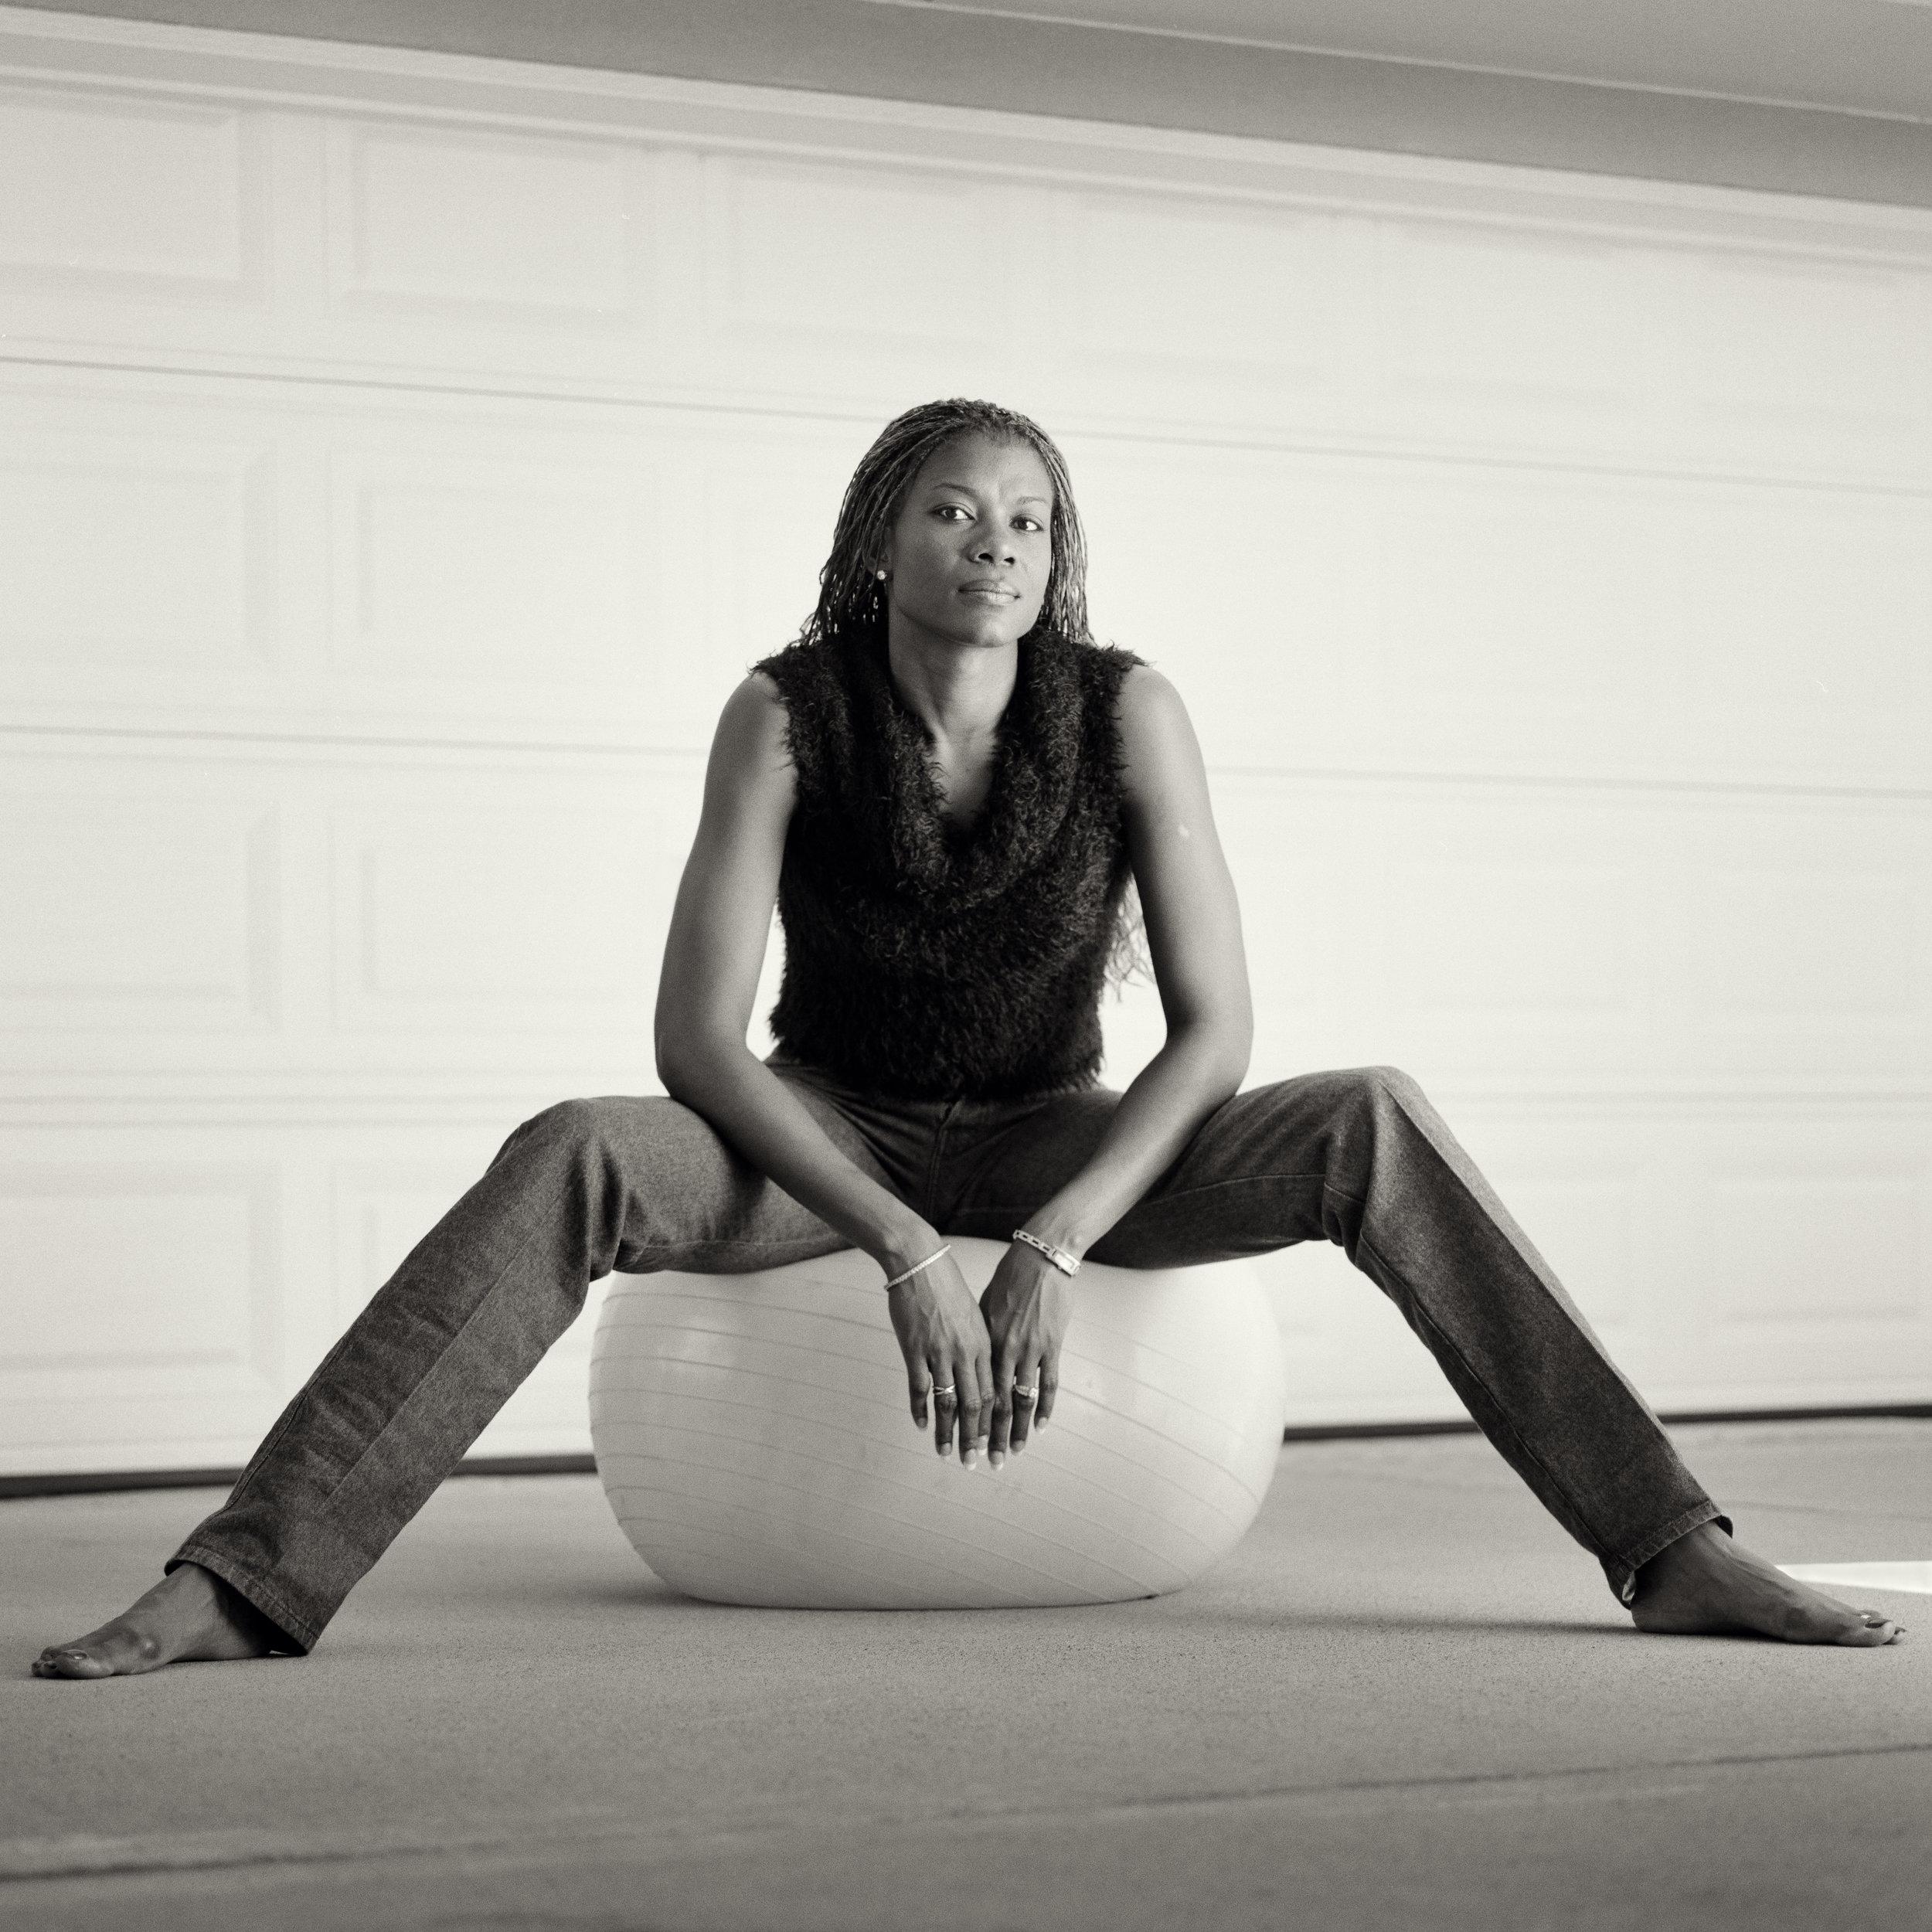 Sheryl_Swoopes_ESPY_Houston_2002.jpg